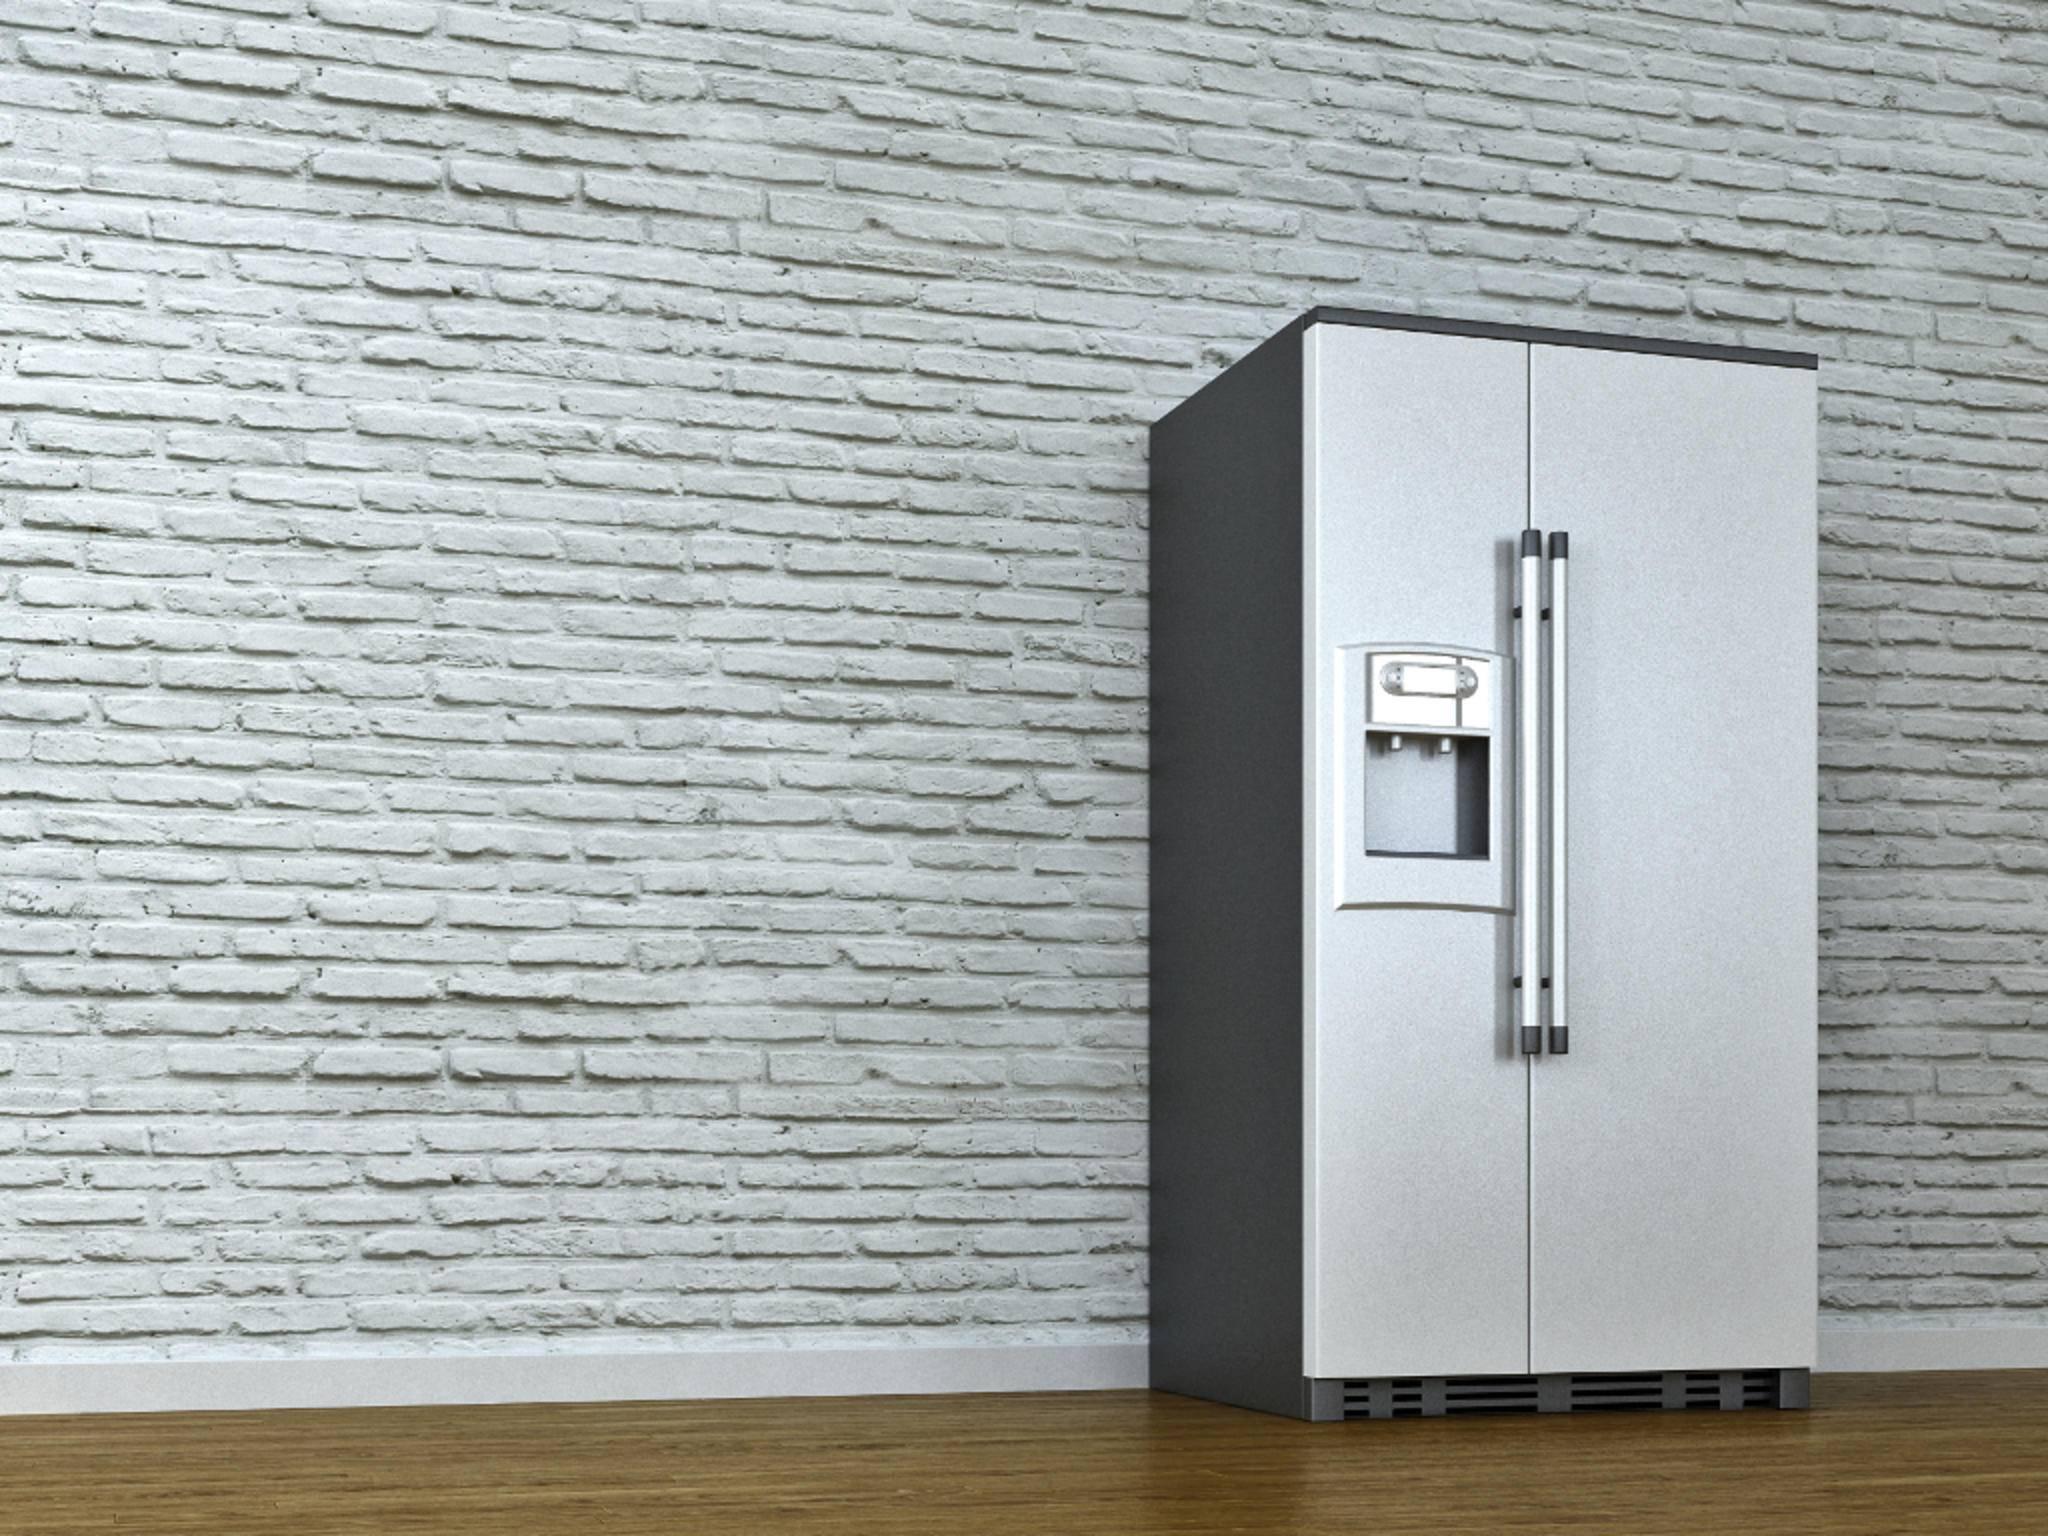 Siemens Kühlschrank Verliert Wasser : Kühlschrank brummt: mögliche ursachen u2013 und was du tun kannst